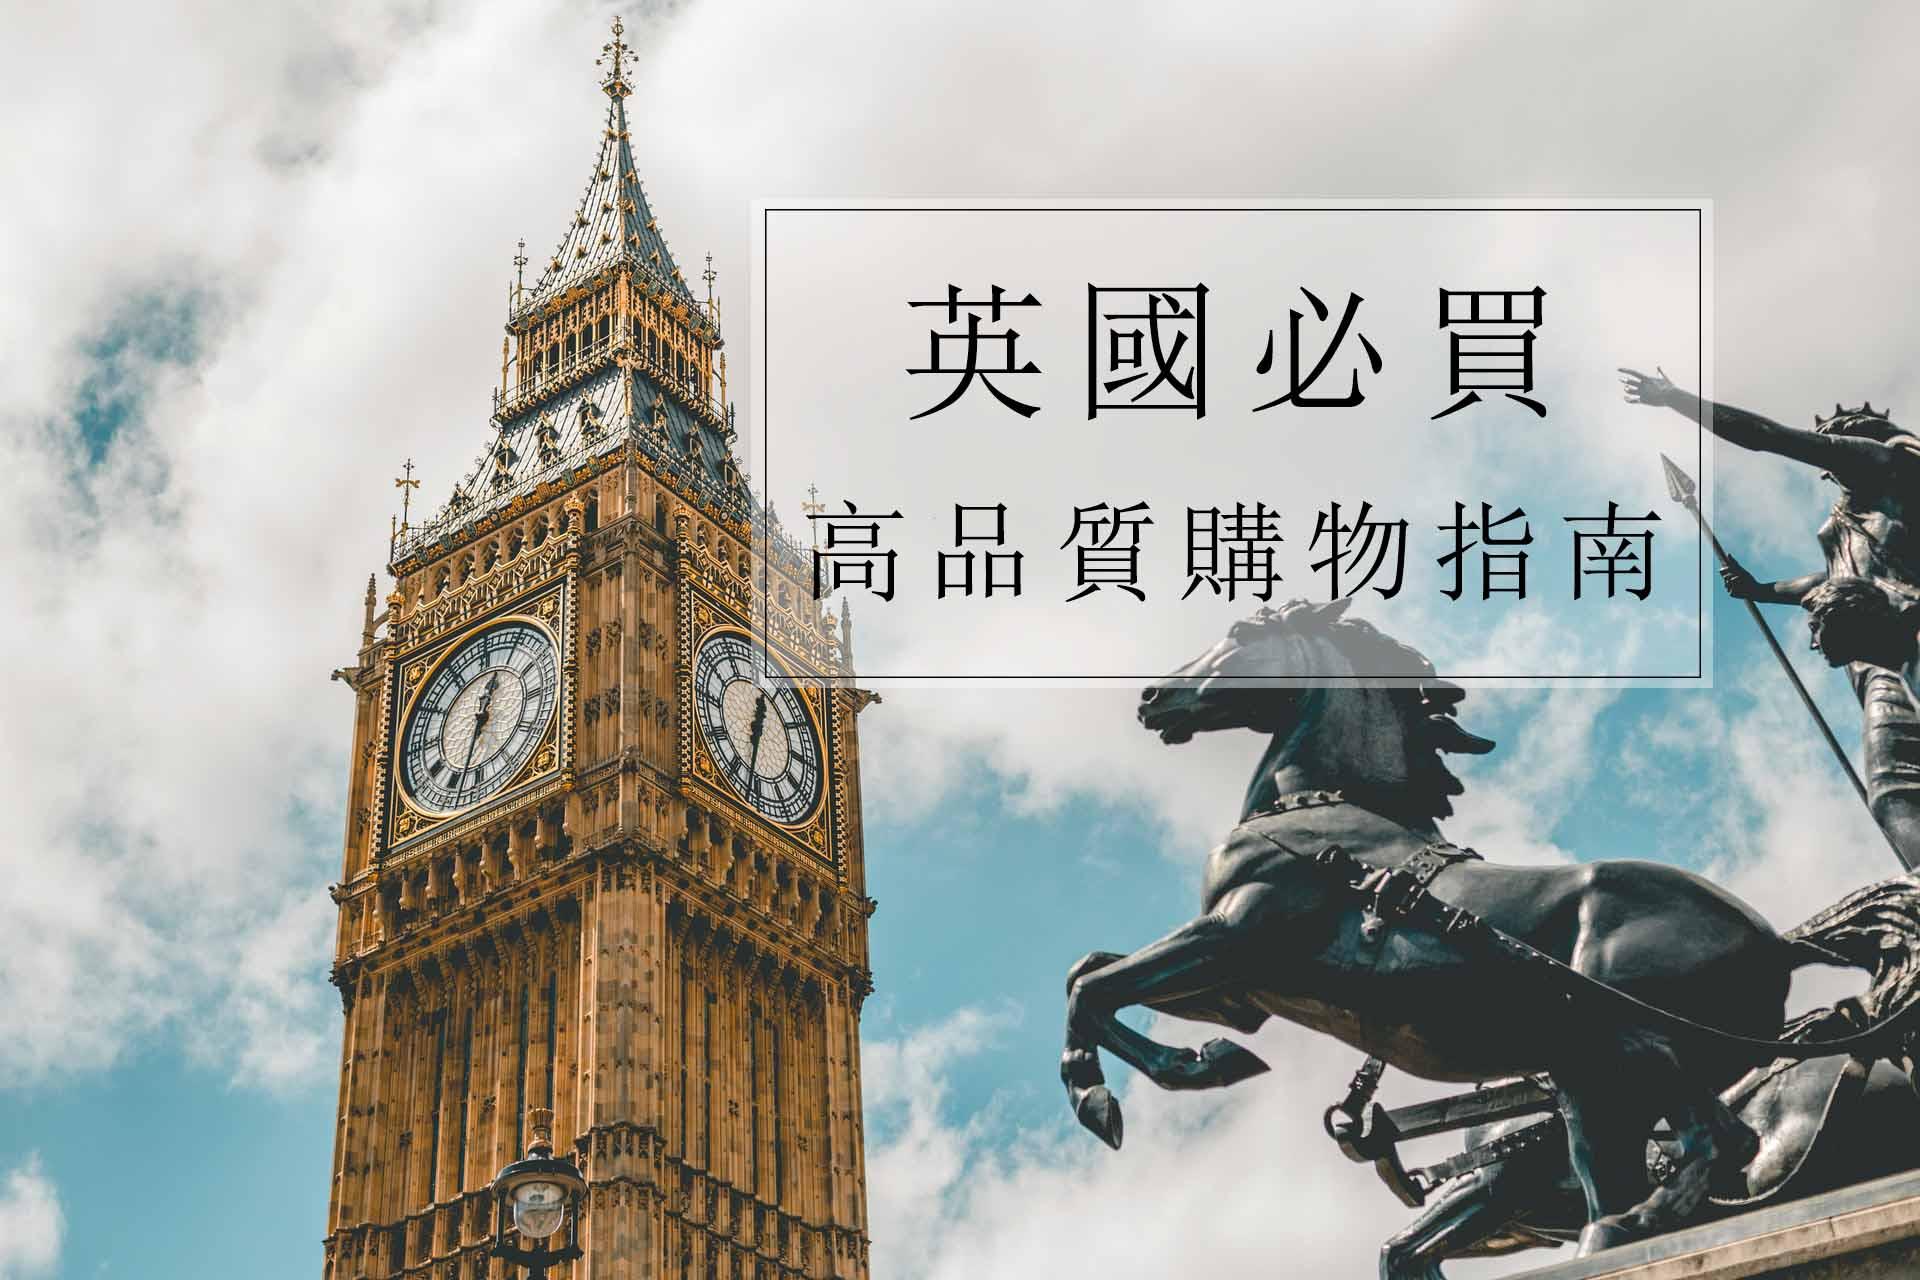 [2019 英國倫敦] 購物必買清單。香水、茶葉、果醬、餅乾英鎊價格、觀光伴手禮/紀念品/名牌品牌推薦大全